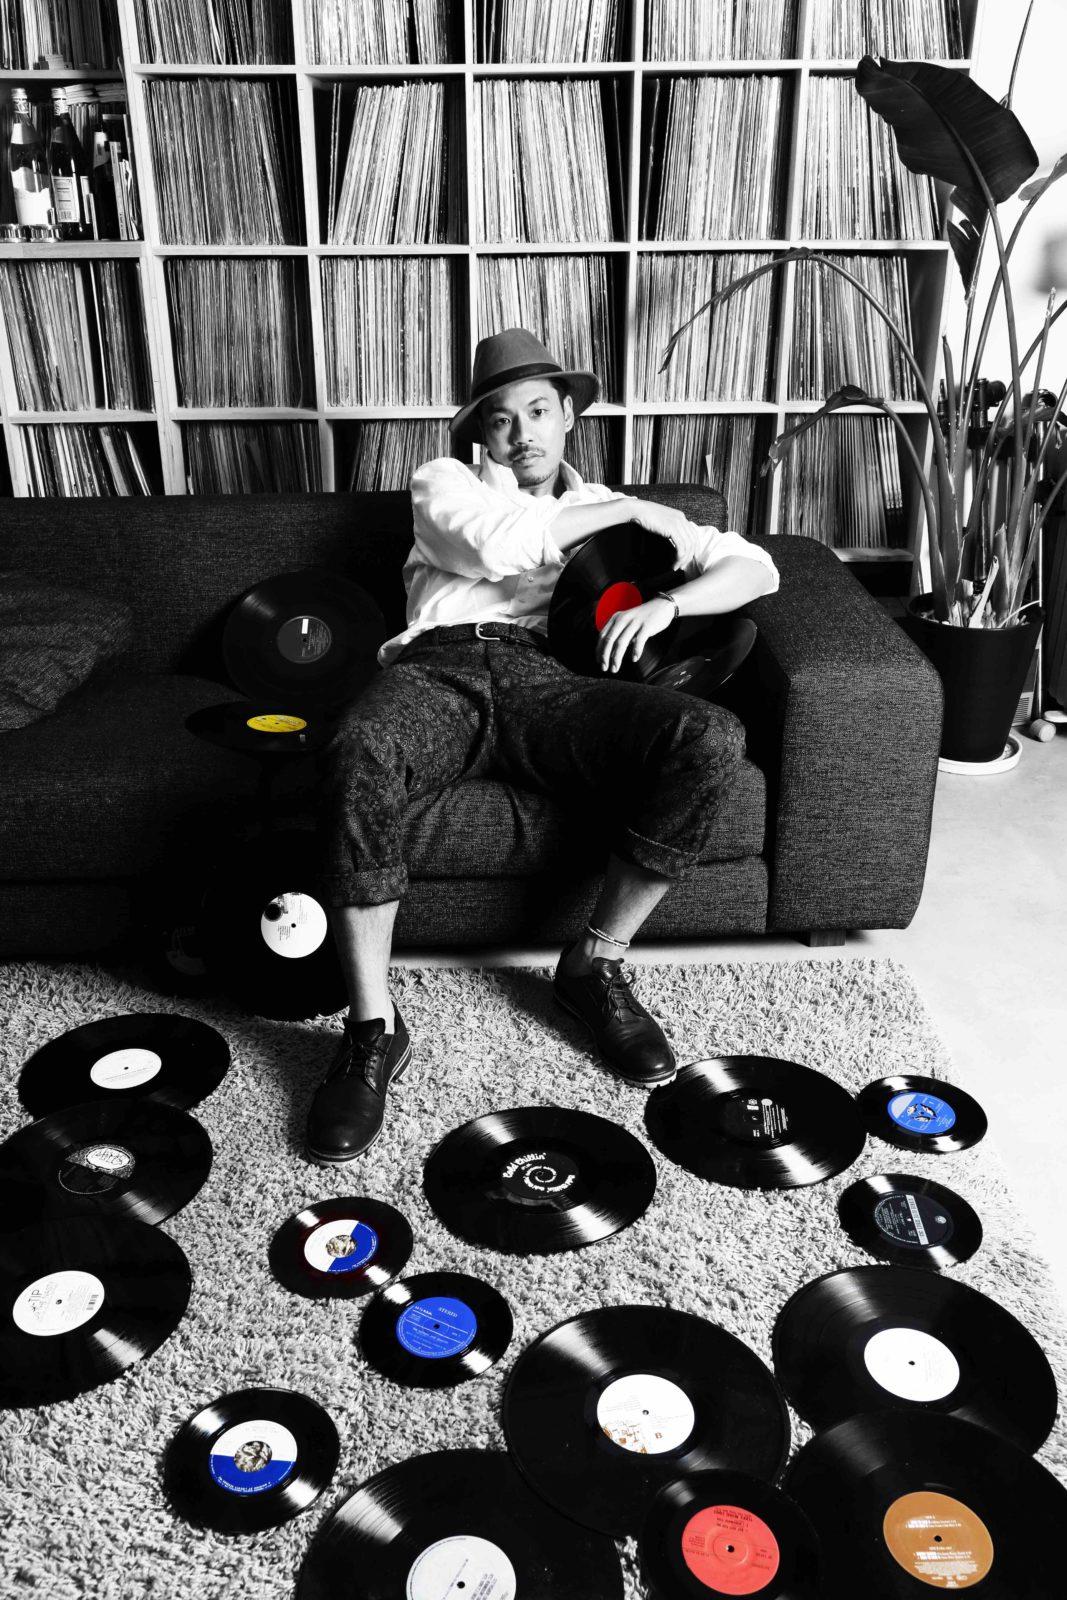 TEEの洋楽カヴァーアルバムから、先行配信中の「See You Again」が1位獲得!さらに現在大ヒット中の「Despacito」の日本最速カヴァー音源もダウンロード可能にサムネイル画像